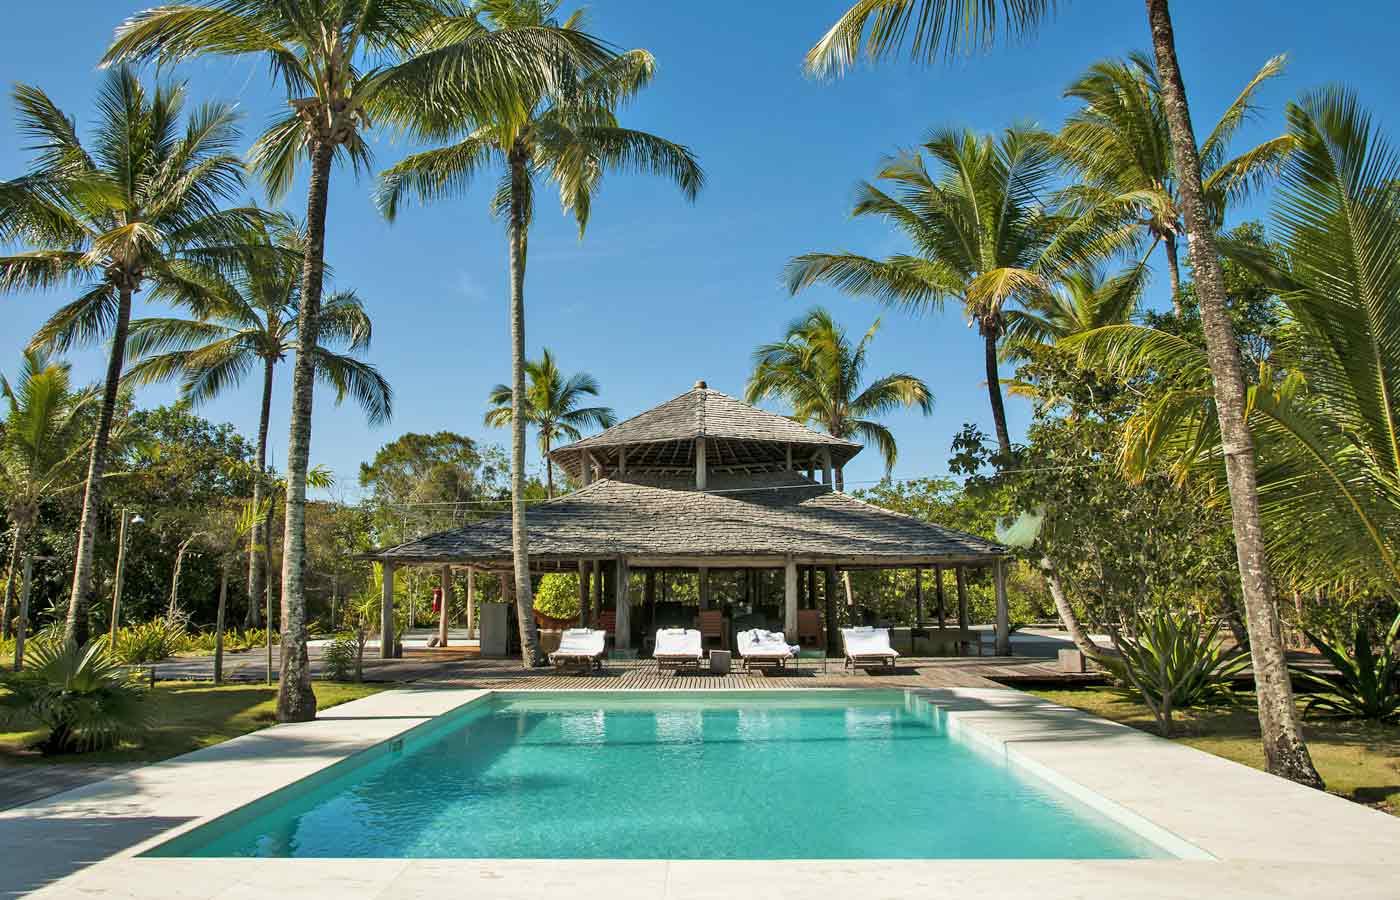 Hotel Vila Naia - Luxury Holidays to Bahia, Brazil